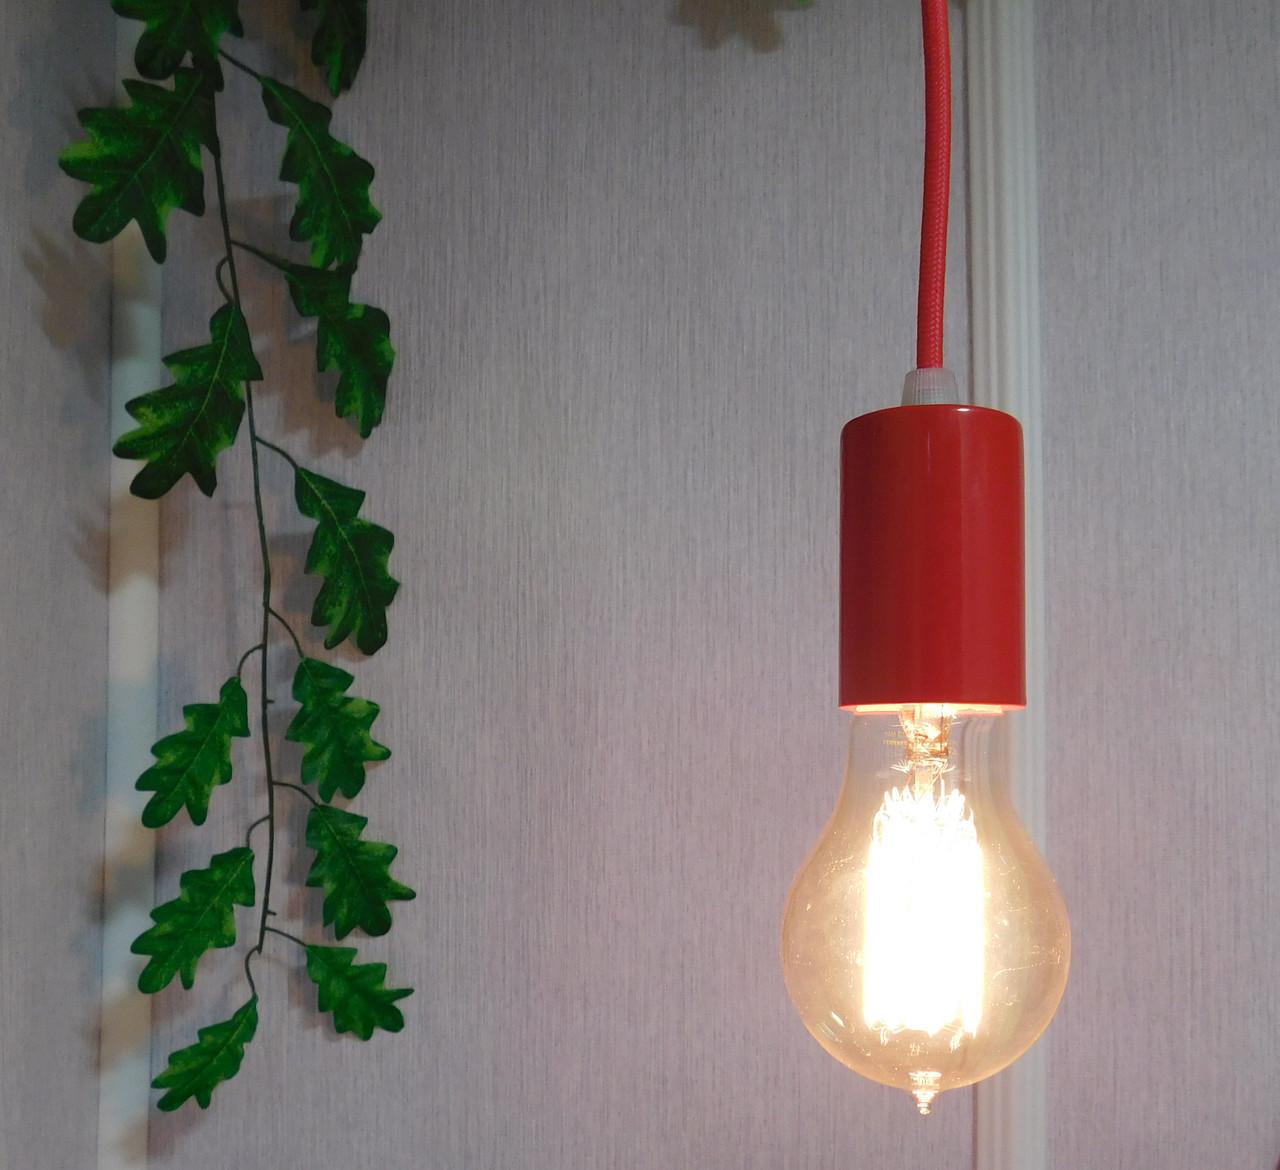 Подвесной металлический светильник, современный стиль, loft, vintage, modern style, минимализм,  красный цвет